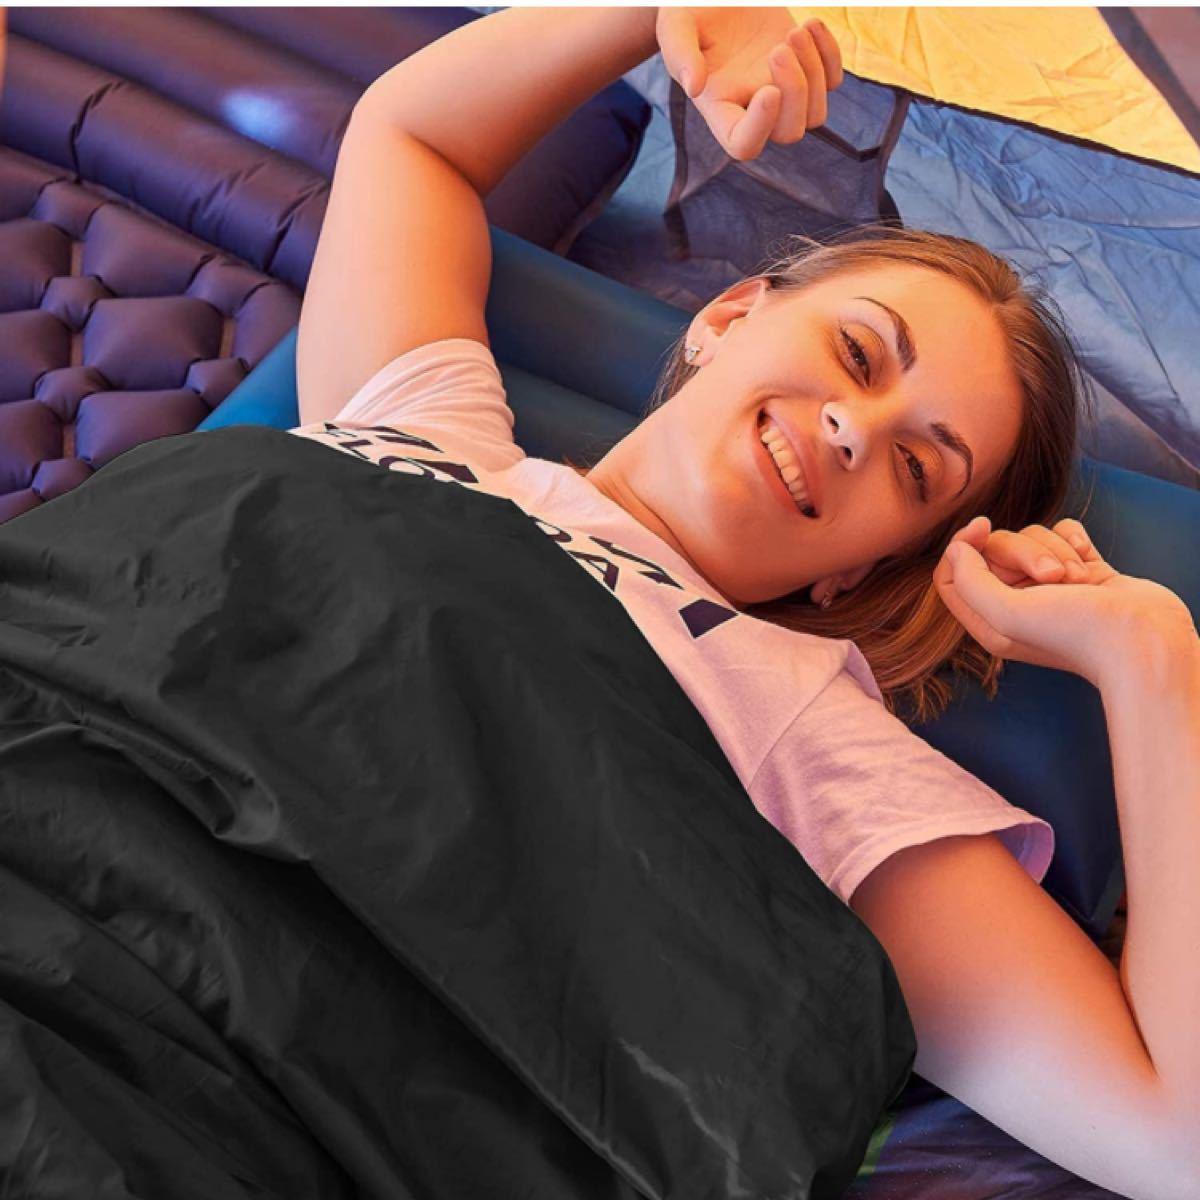 寝袋 シュラフ シュラフカバー スリーピングバッグ 封筒型 210T防水 保温 軽量 コンパクト キャンプ アウトドア 登山